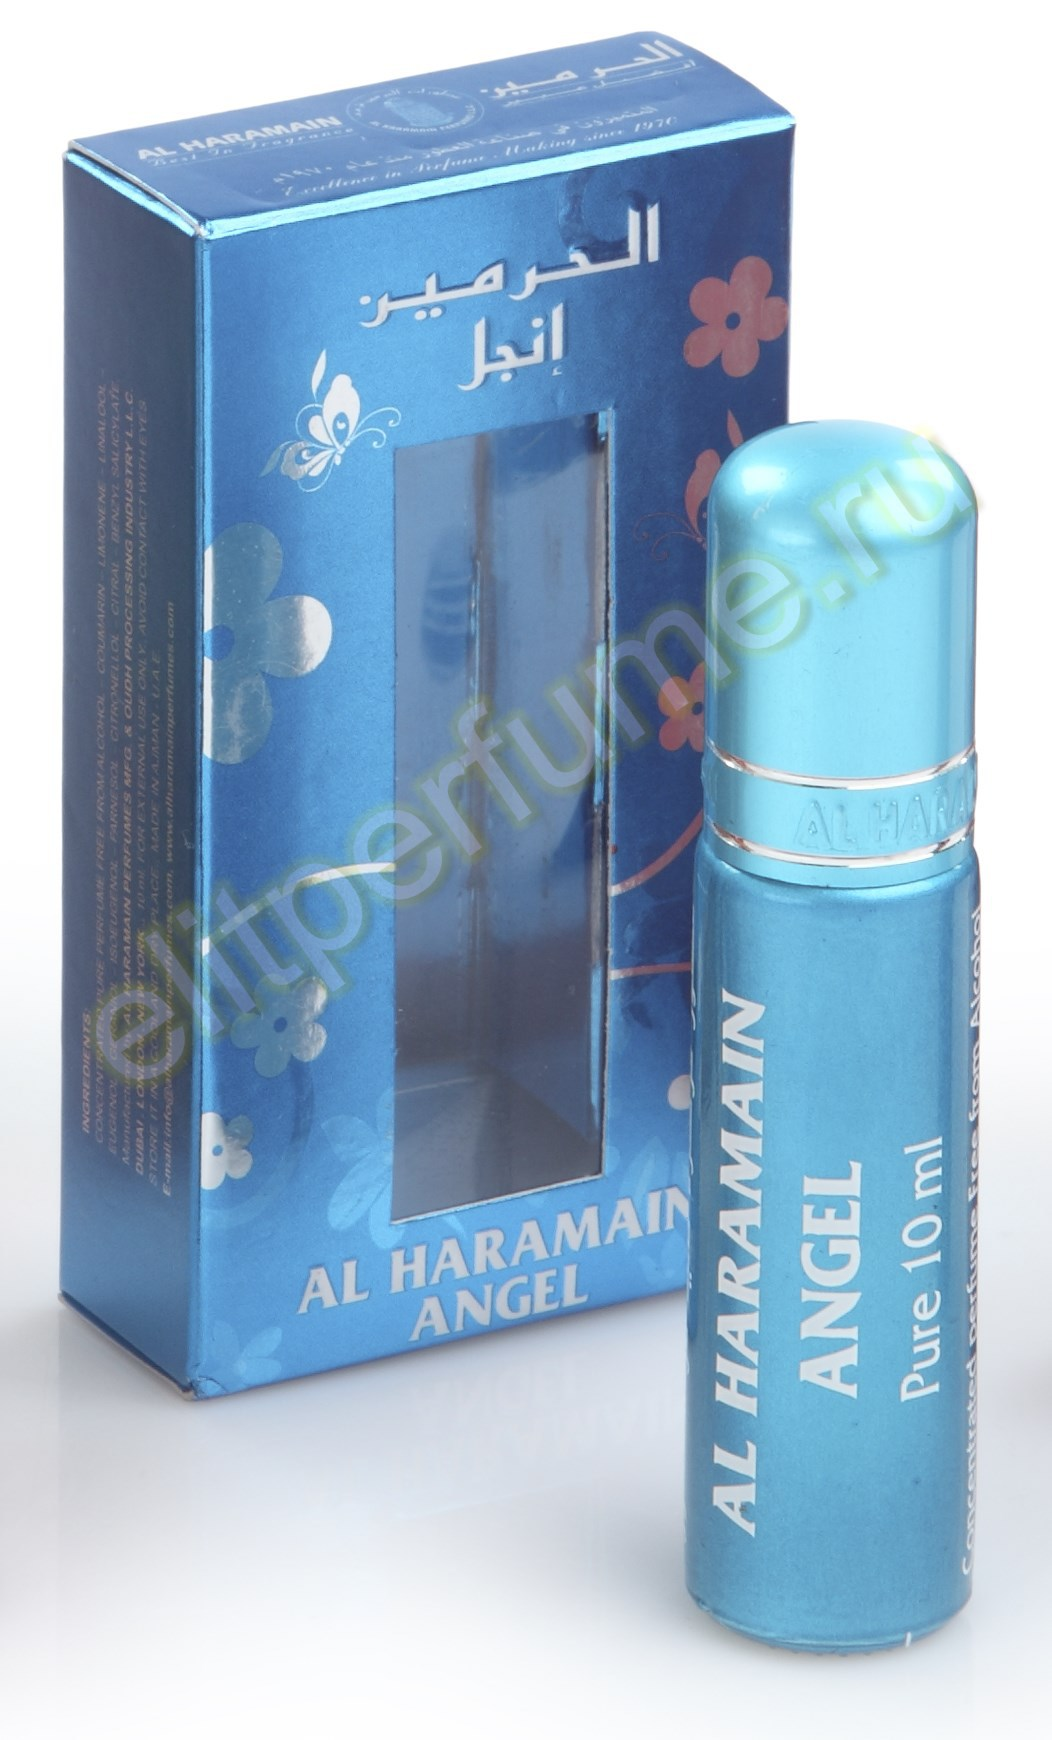 Аль Харамайн Ангел Al Haramain Angel 10 мл арабские масляные духи от Аль Харамайн Al Haramain Perfumes